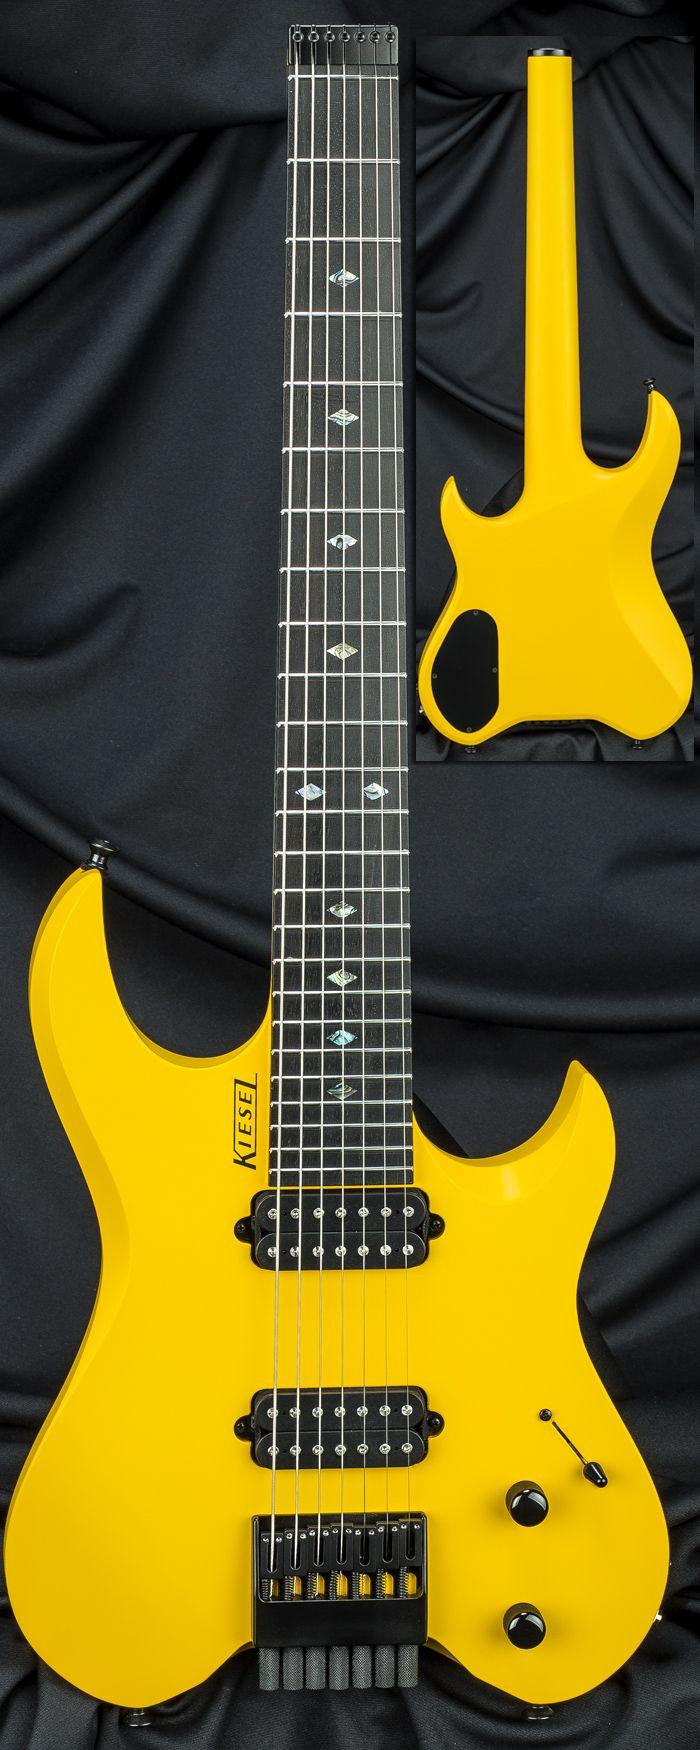 http://www.carvinguitars.com/images/guitars-in-stock/large/125925b.jpg